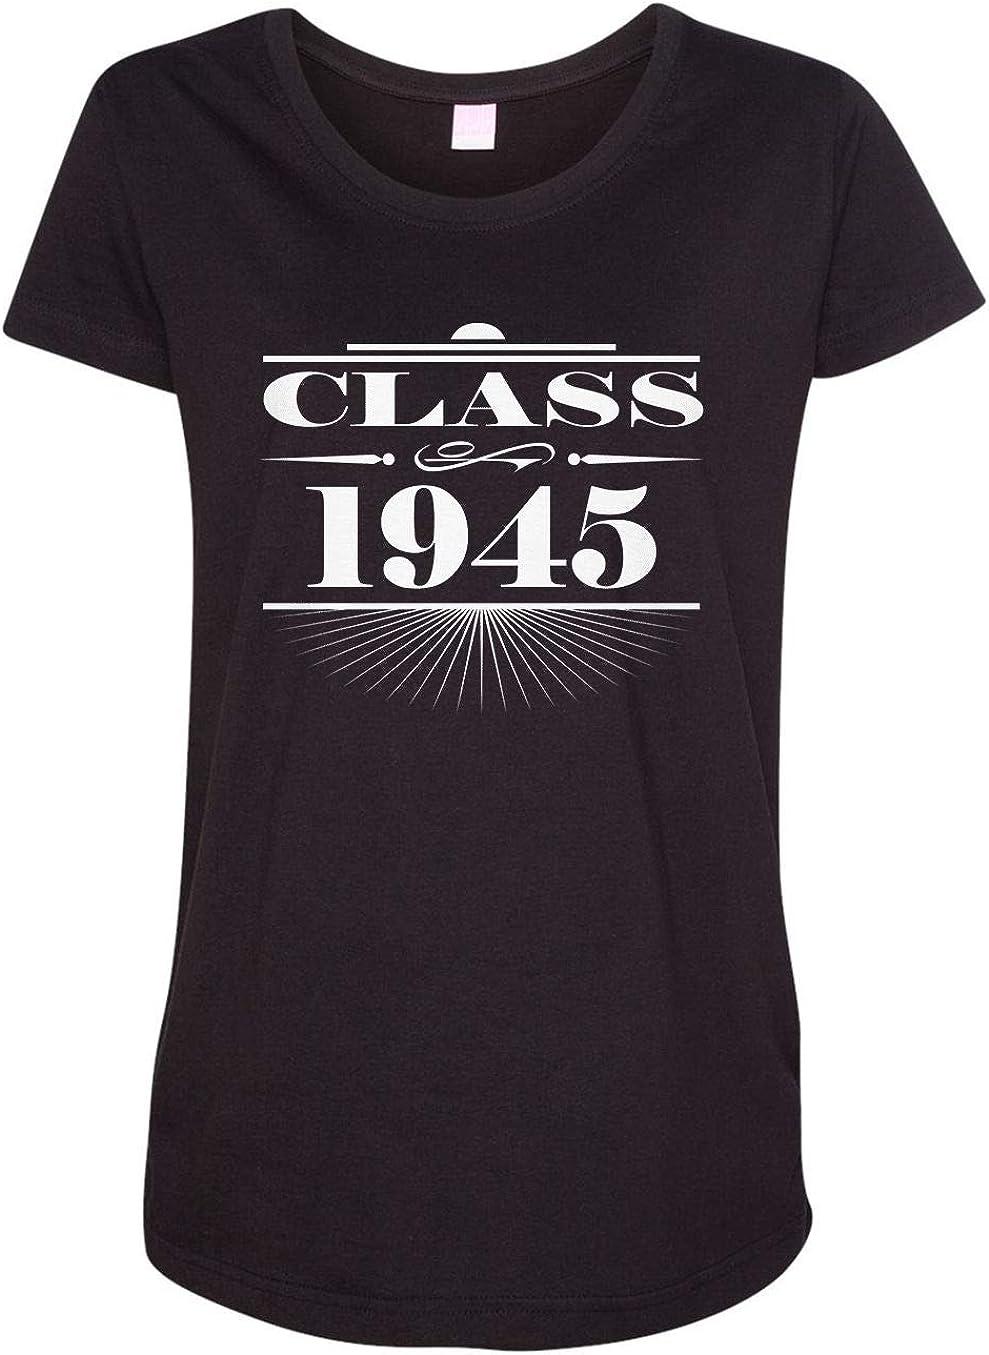 HARD EDGE DESIGN Women's Art Deco Class of 1945 T-Shirt